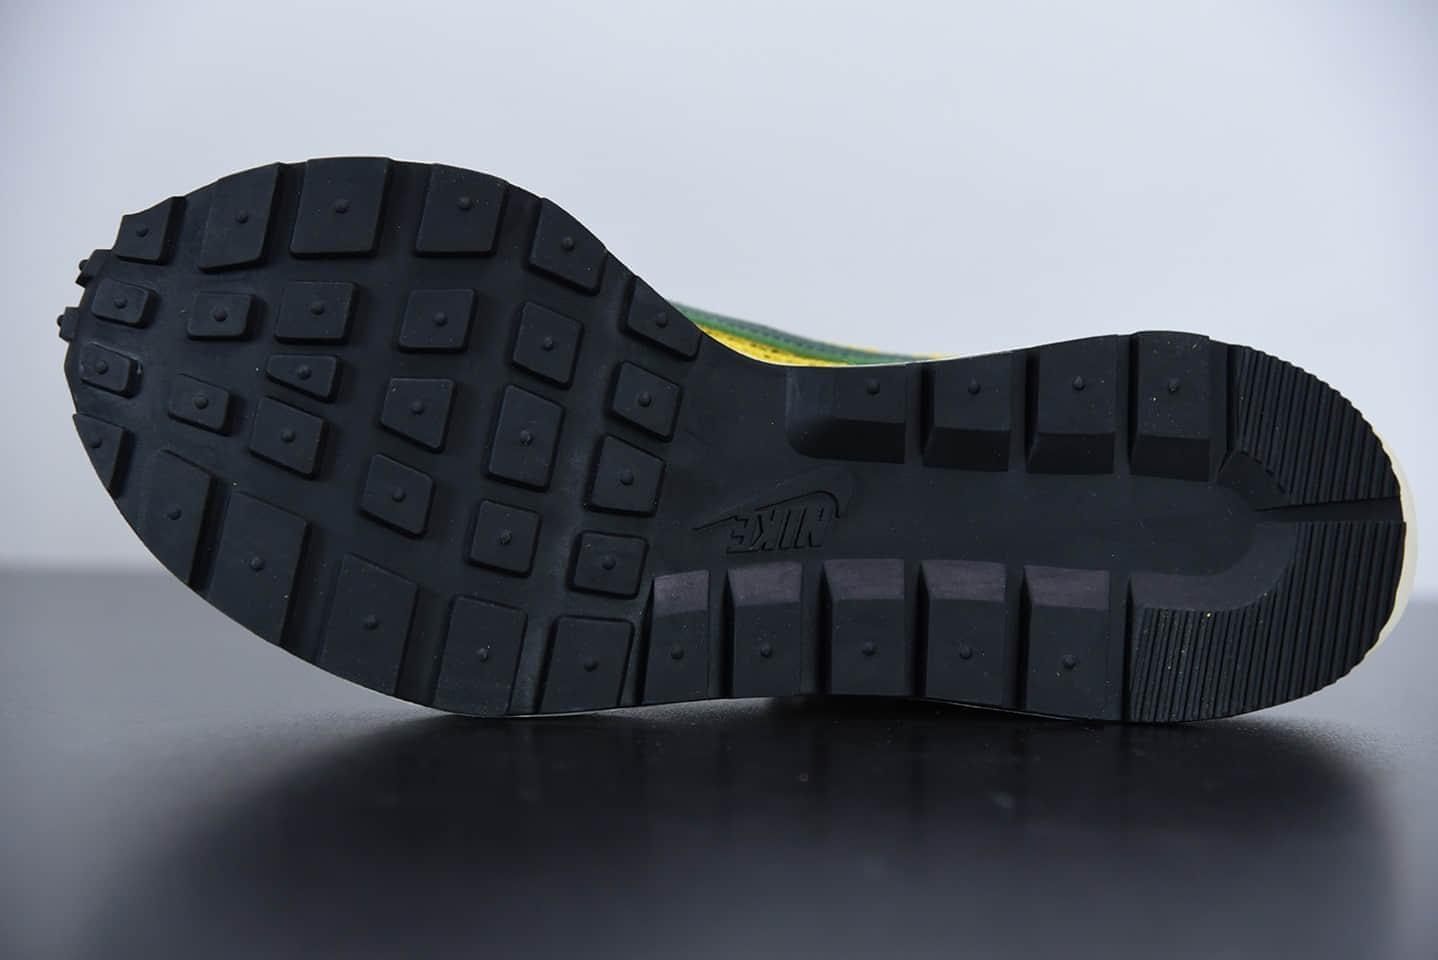 耐克Sacai X NIKe regasus vaporrly SP 华夫三代3.0走秀黄绿重磅联名款纯原版本 货号:CV1363-700